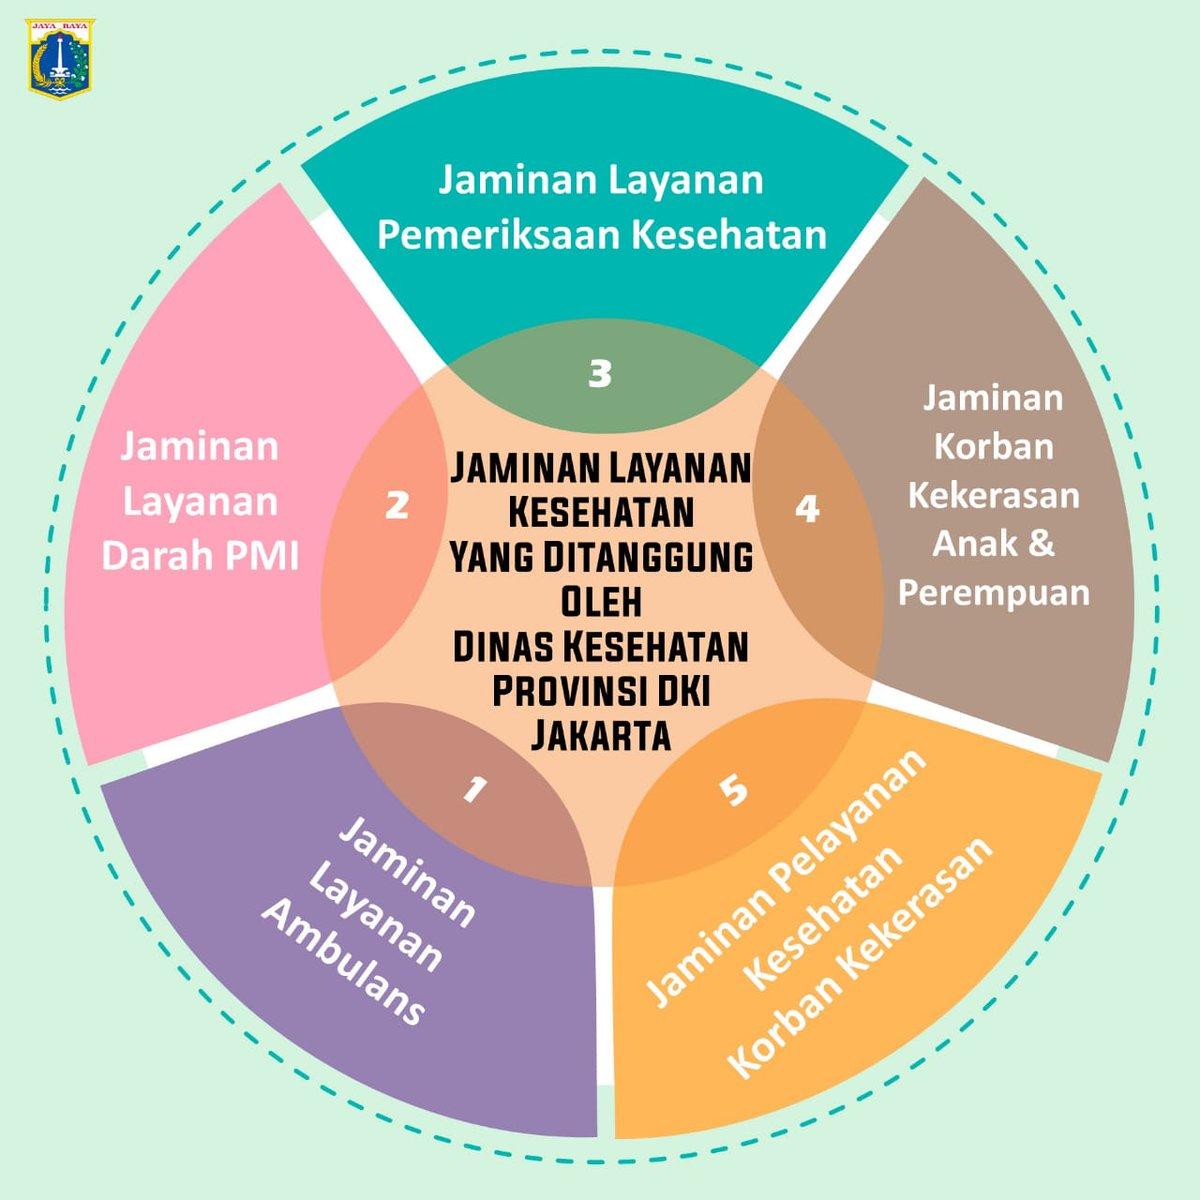 Sudah tau belum? Jaminan Layanan Kesehatan yang ditanggung oleh Dinas Kesehatan Provinsi DKI Jakarta melalui UP. Jamkesjak Provinsi DKI Jakarta.  #JagaJakarta #dinkesdki #jaminanlayanankesehatan #janganlupa3M #pakaimasker #cucitanganpakaisabun #jagajarak #dkijakarta https://t.co/hPdP7YWpbA